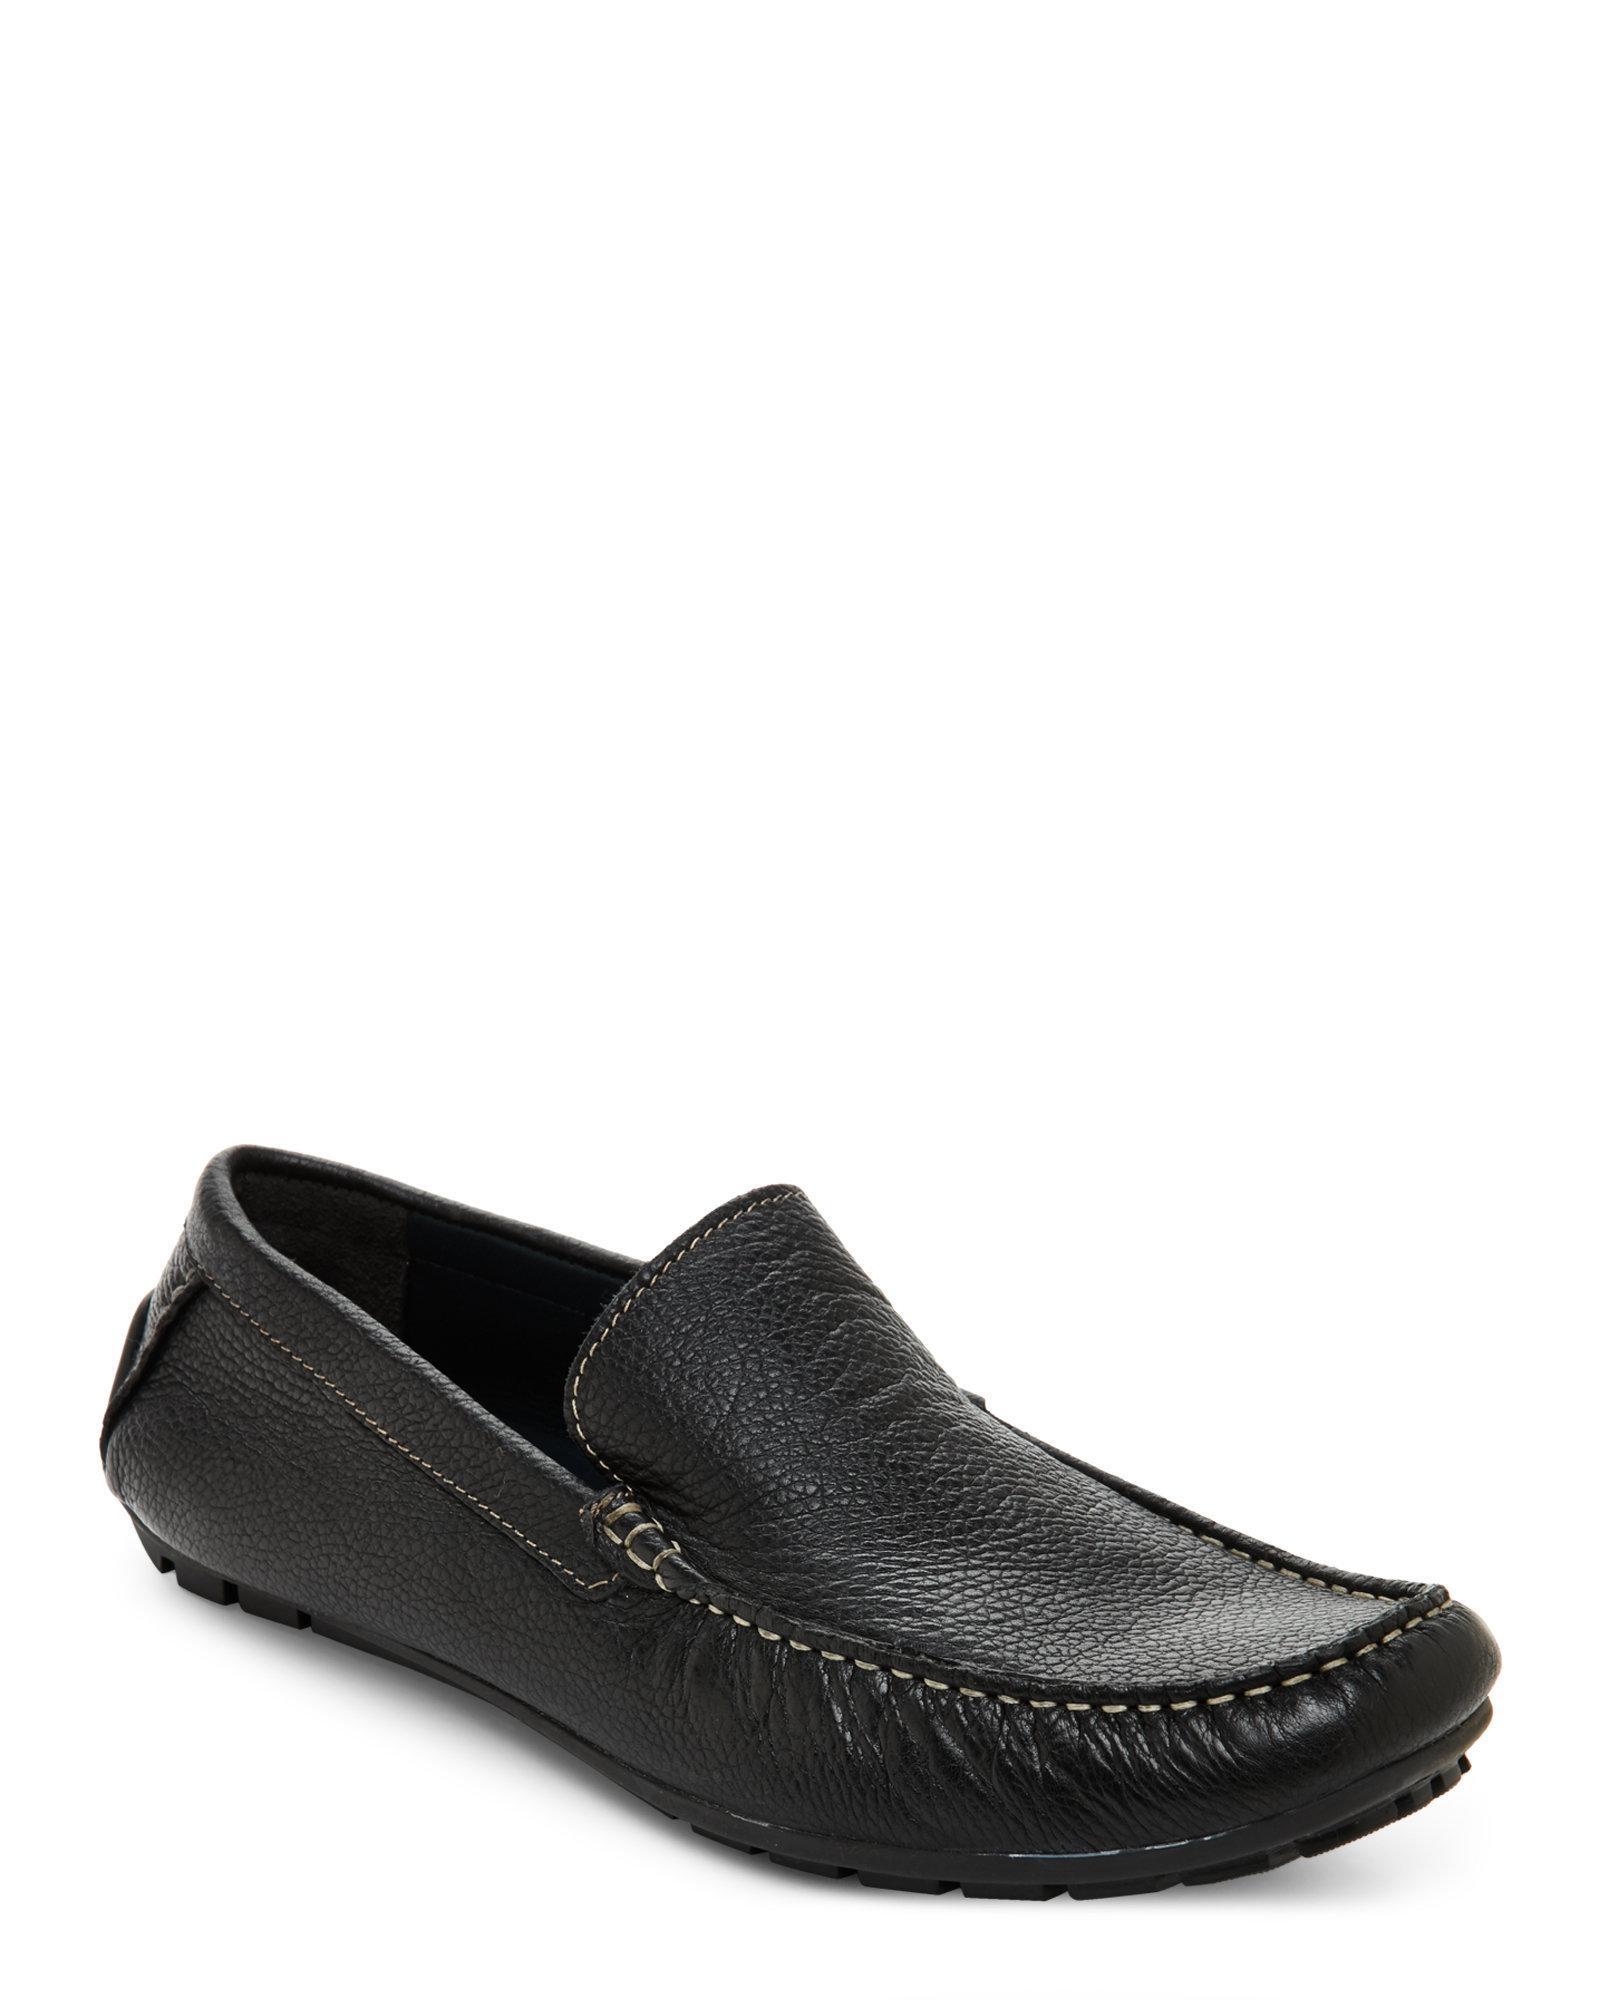 Joseph Abboud Shoes Black